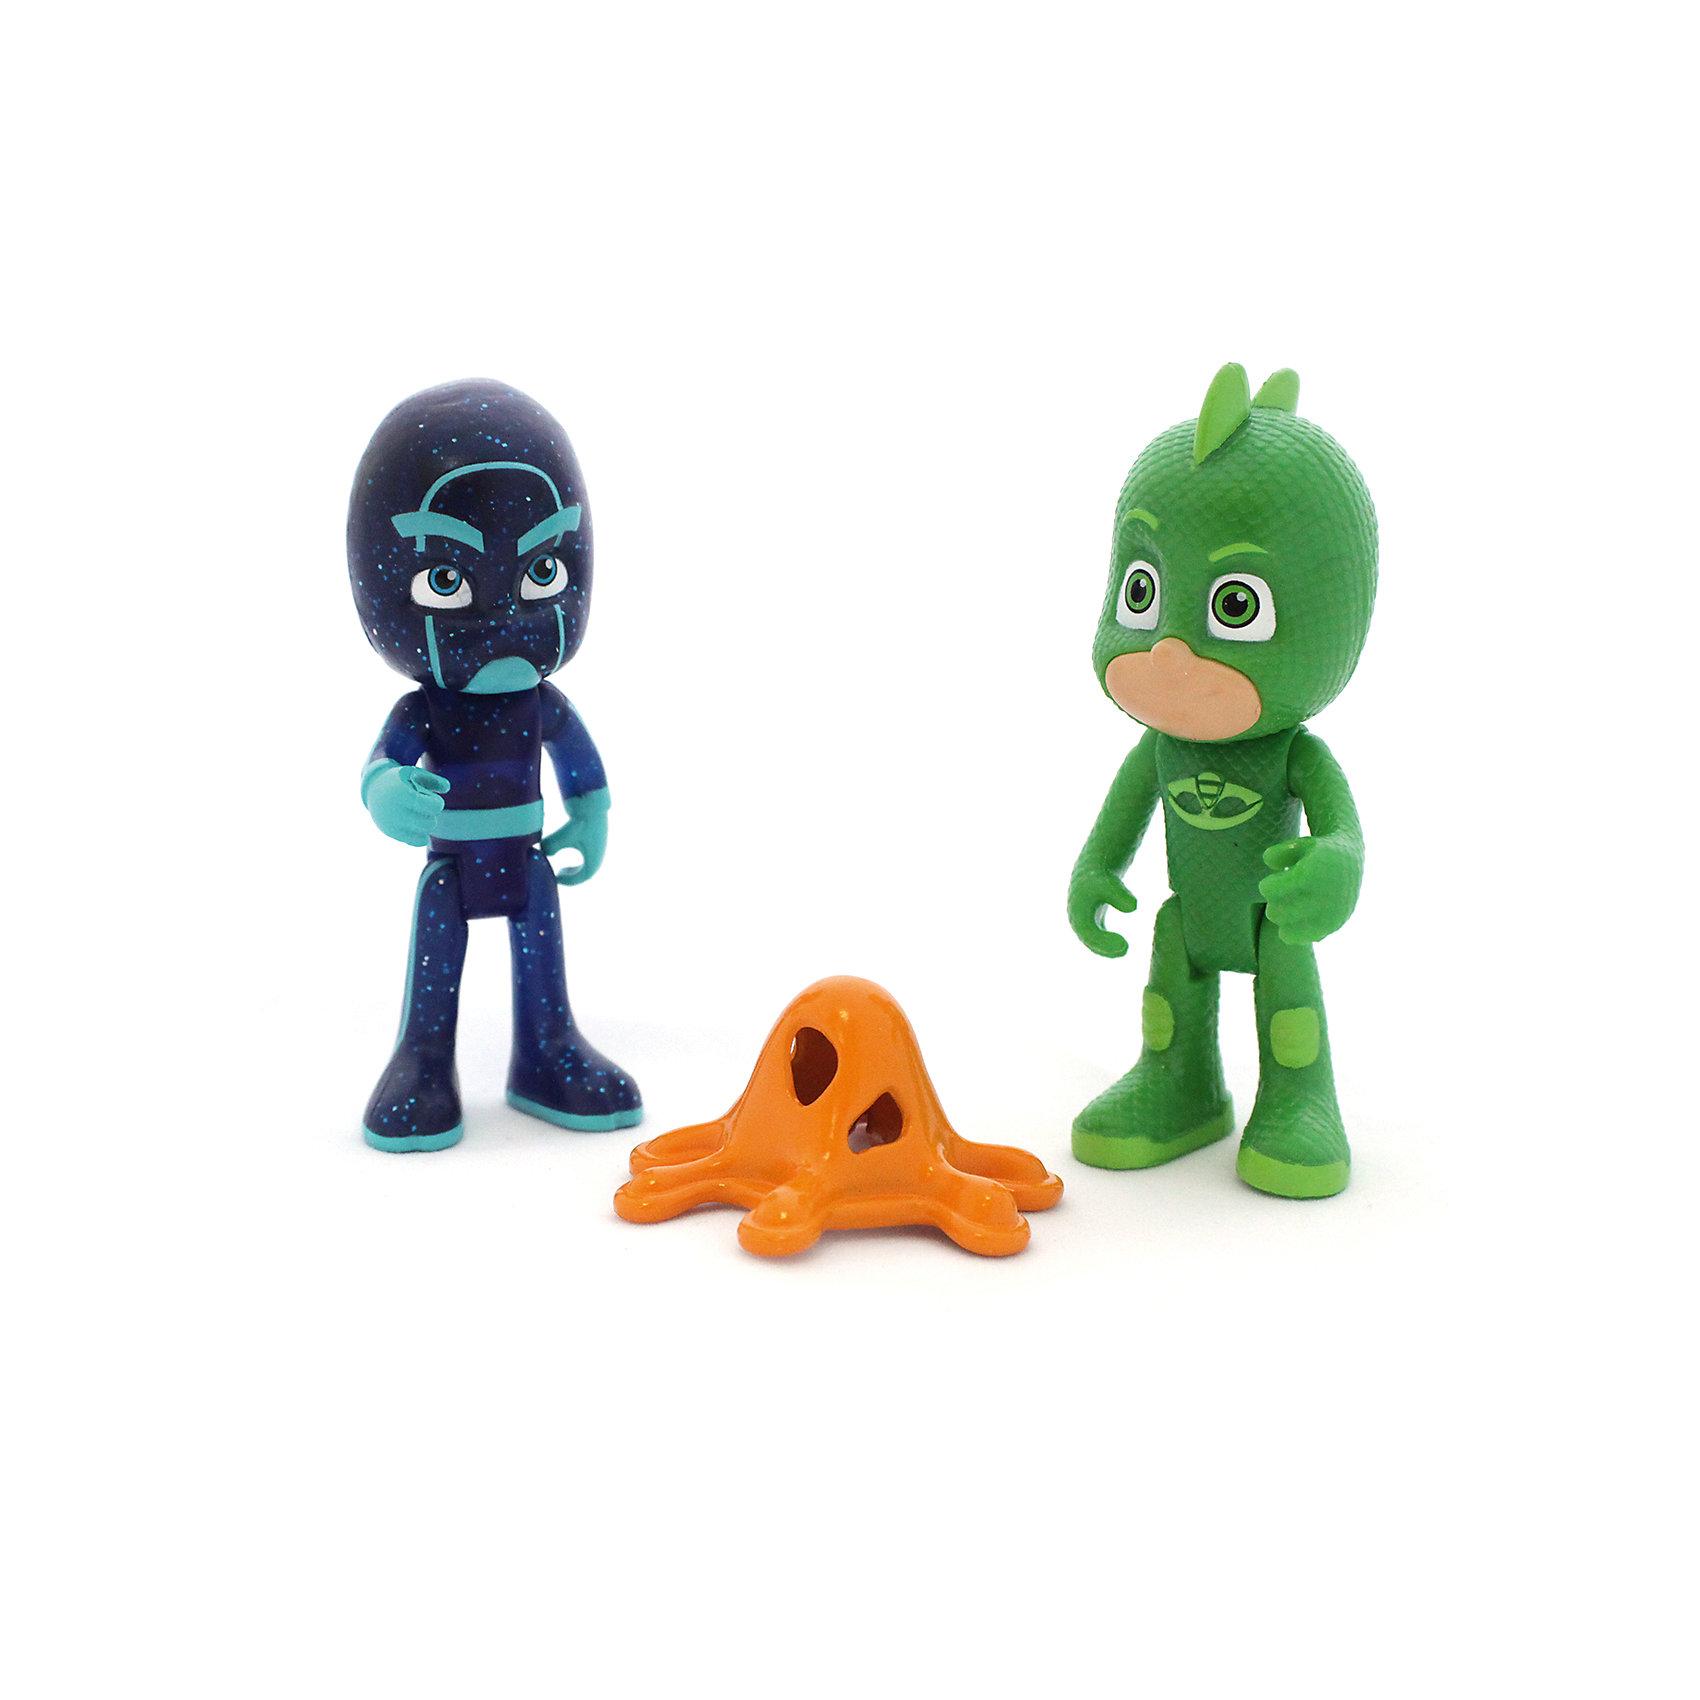 Игровой набор Гекко и Ниндзя, 2 фигурки, 8 см, Герои в маскахЛюбимые герои<br>Игровой набор Гекко и Ниндзя, 2 фигурки, 8 см, Герои в масках.<br><br>Характеристики:<br><br>• Для детей в возрасте: от 3 лет<br>• В наборе: 2 фигурки (Гекко и Ниндзя), аксессуар<br>• Материал: пластик<br>• Высота фигурок: 8 см.<br>• Упаковка: блистер на картоне<br>• Размер упаковки: 19х12х5 см.<br><br>Игровой набор от российской компании Росмэн создан по мотивам популярного мультипликационного фильма «Герои в масках», и включает 2 миниатюрные фигурки, выполненные по образу своих экранных прототипов: положительного героя Гекко и злодея по имени Ночной Ниндзя. Фигурки изготовлены из высококачественного, безопасного пластика, прекрасно детализированы и реалистично раскрашены. <br><br>У Гекко зелёный костюм, который делает его похожим на ящерицу. Лицо героя почти полностью закрыто маской, видны только глаза зеленого цвета. Ниндзя выполнен в синем костюме, полностью закрывающем его тело. У фигурок подвижные ручки и ножки.<br><br>Игровой набор Гекко и Ниндзя, 2 фигурки, 8 см, Герои в масках можно купить в нашем интернет-магазине.<br><br>Ширина мм: 190<br>Глубина мм: 120<br>Высота мм: 50<br>Вес г: 100<br>Возраст от месяцев: 36<br>Возраст до месяцев: 2147483647<br>Пол: Унисекс<br>Возраст: Детский<br>SKU: 6679191